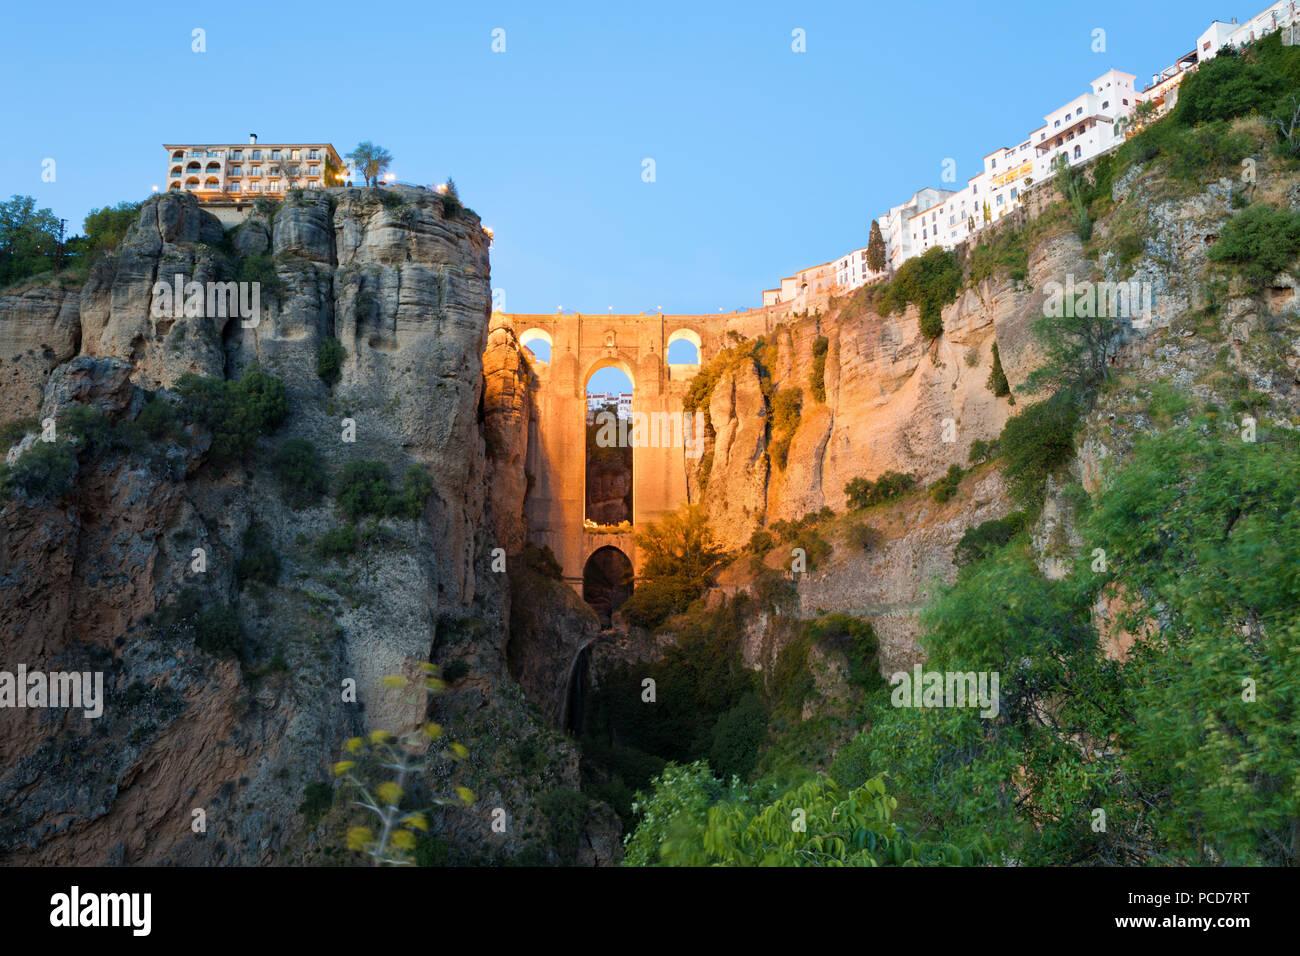 Puente Nuevo (ponte nuovo) illuminata di notte e la città bianca arroccato sulla scogliera, Ronda, Andalusia, Spagna, Europa Foto Stock